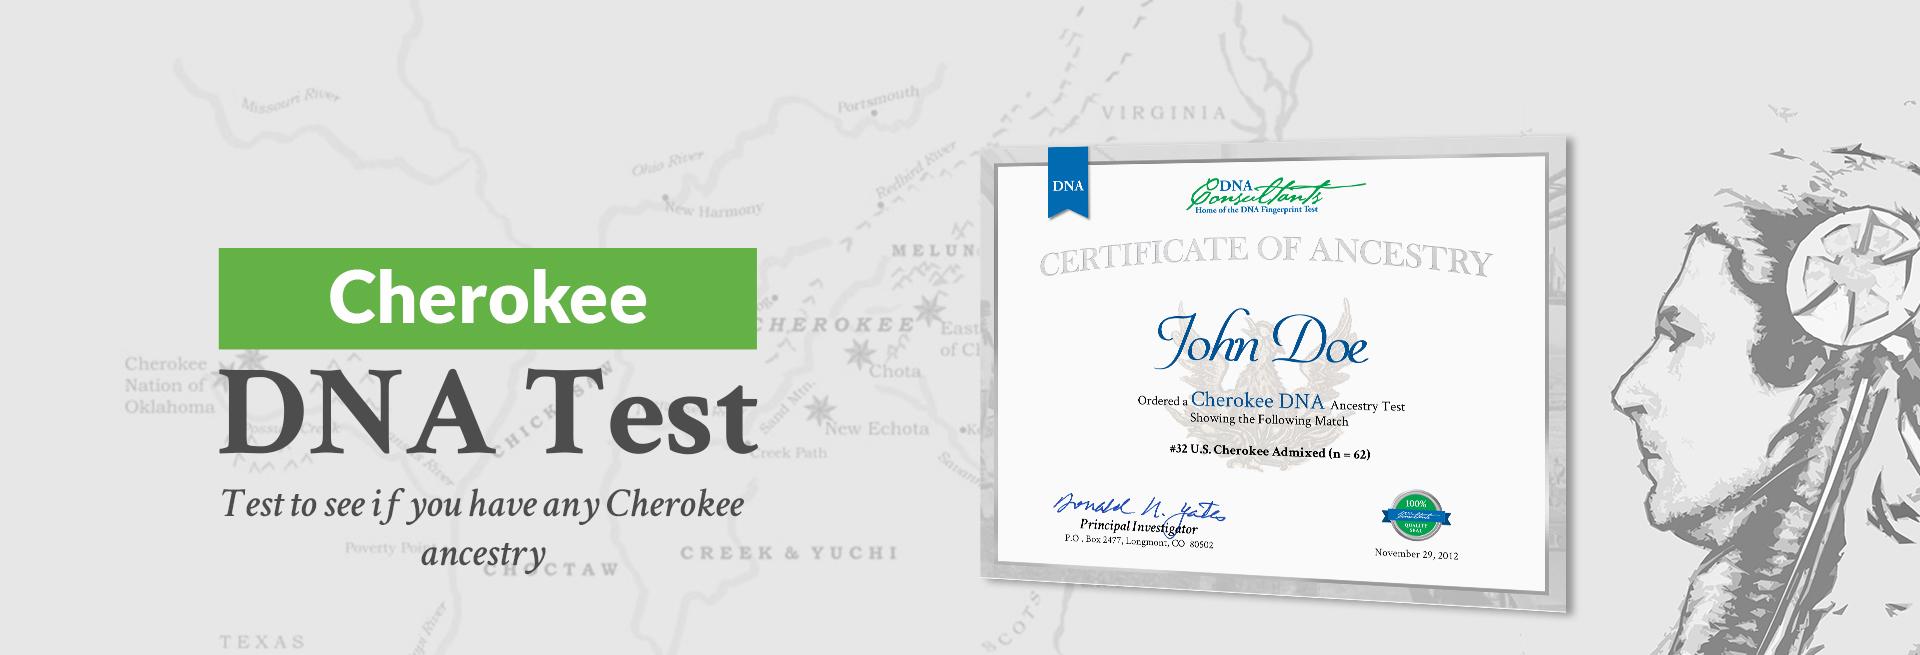 cherokee-dna-test